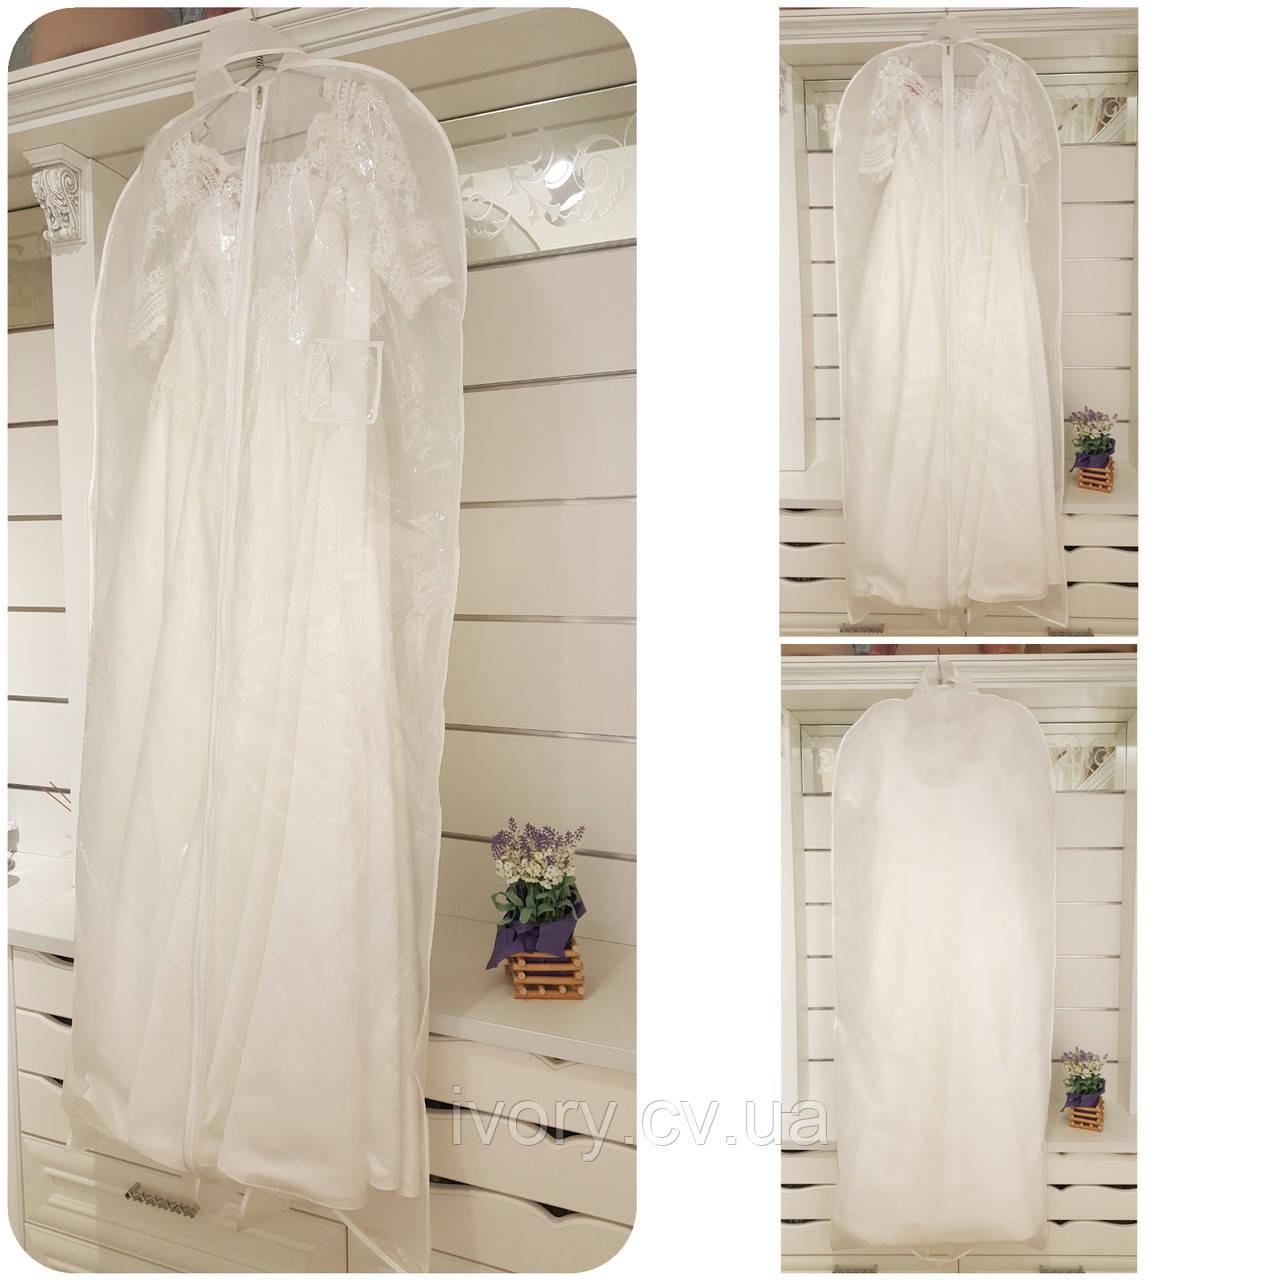 Чехол для свадебного платья белый (70*170 см) без распорки